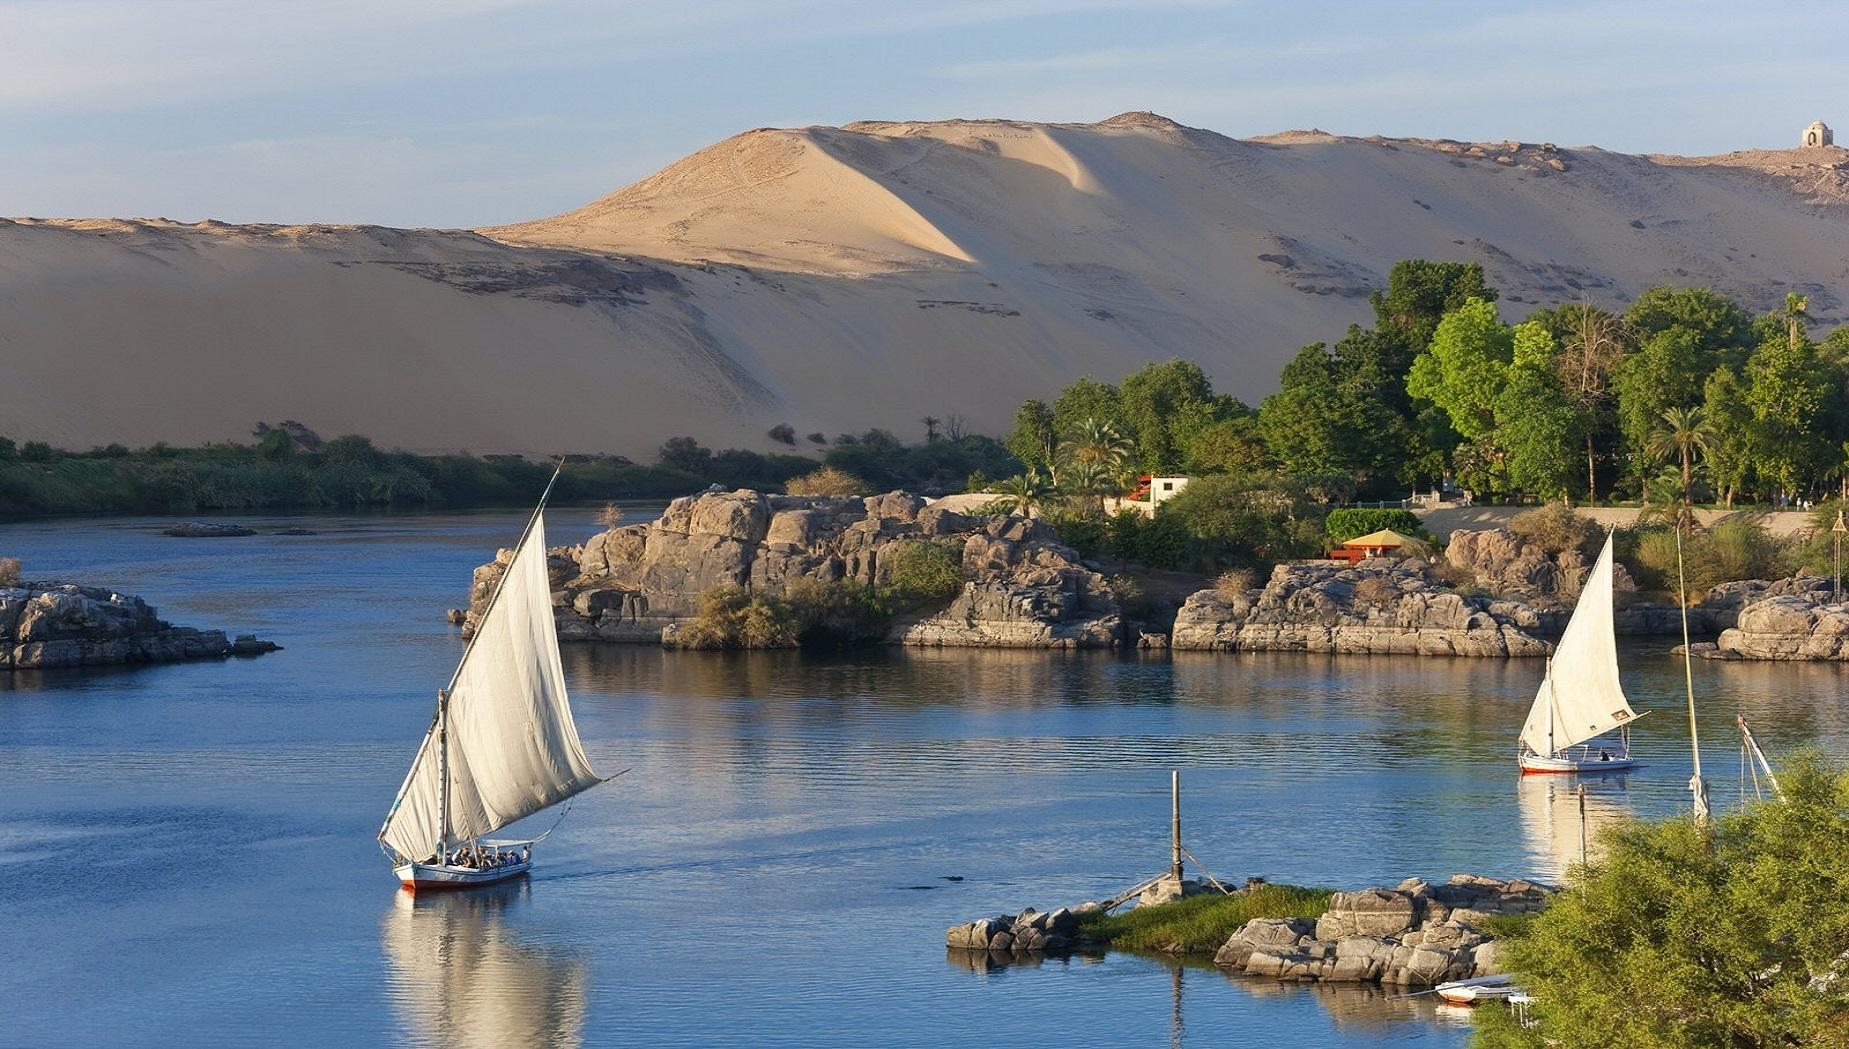 Il Nilo conteso